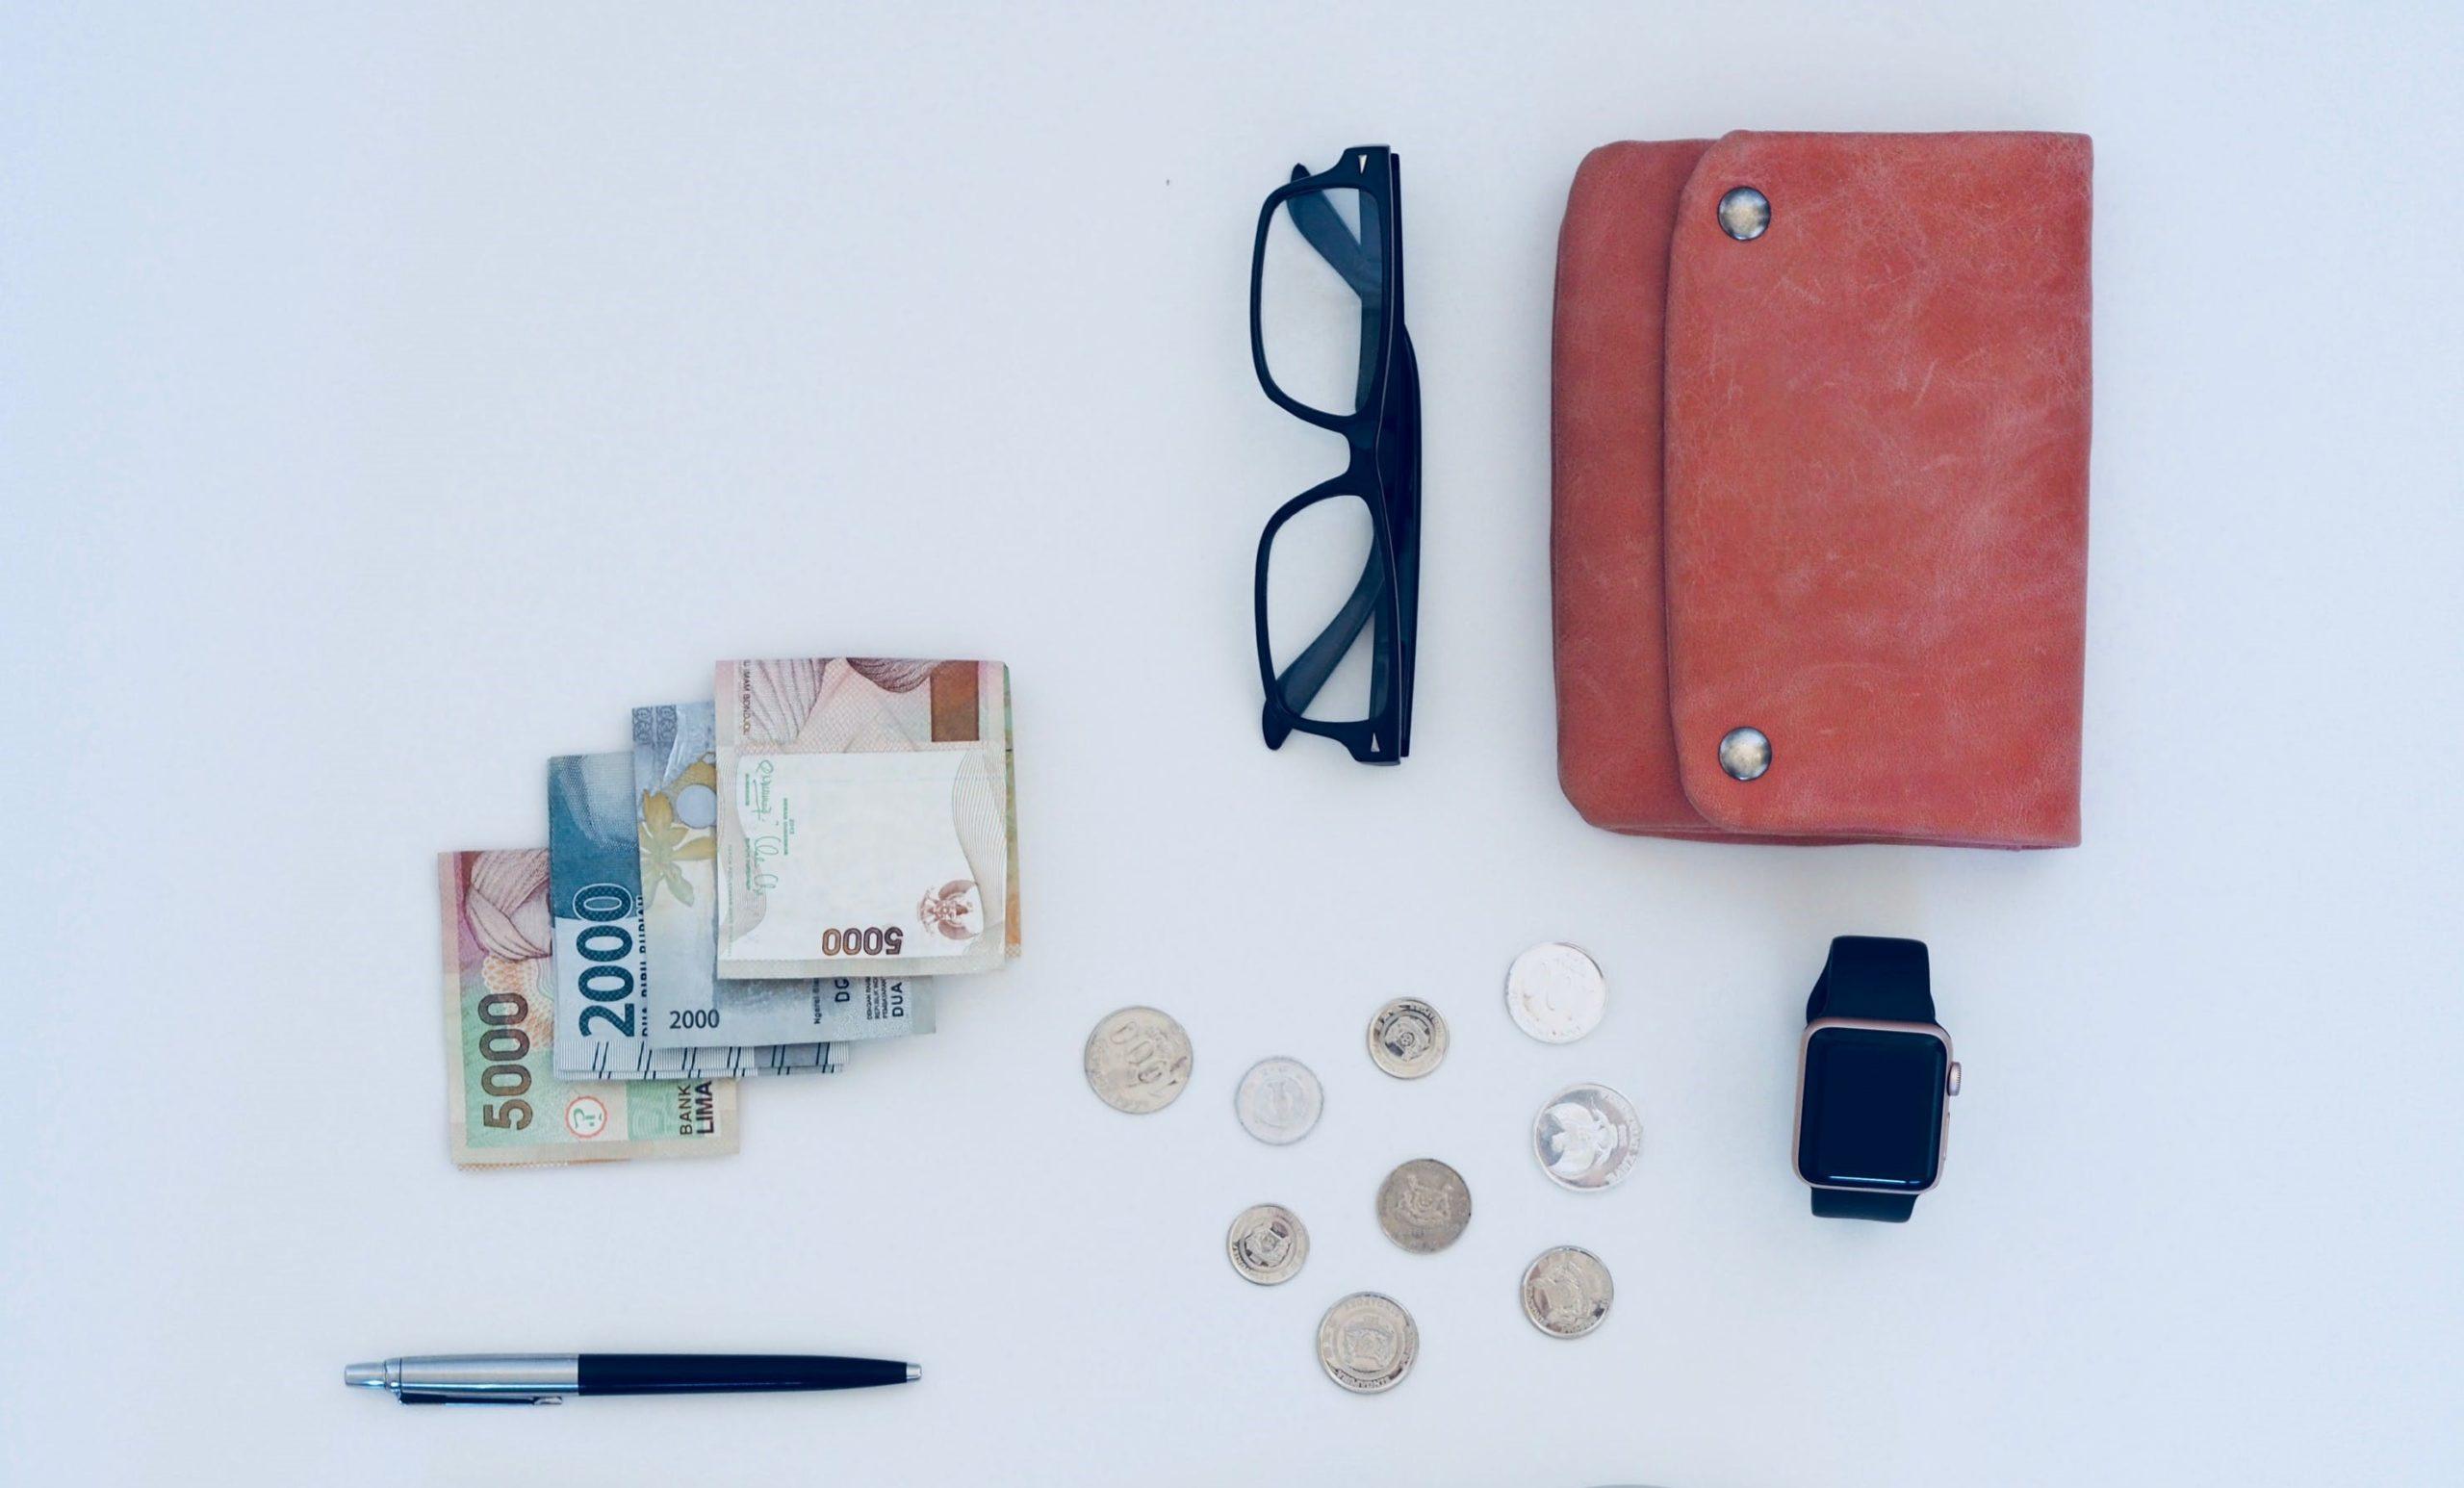 Strategie di risparmio intelligente: la gestione delle spese impreviste